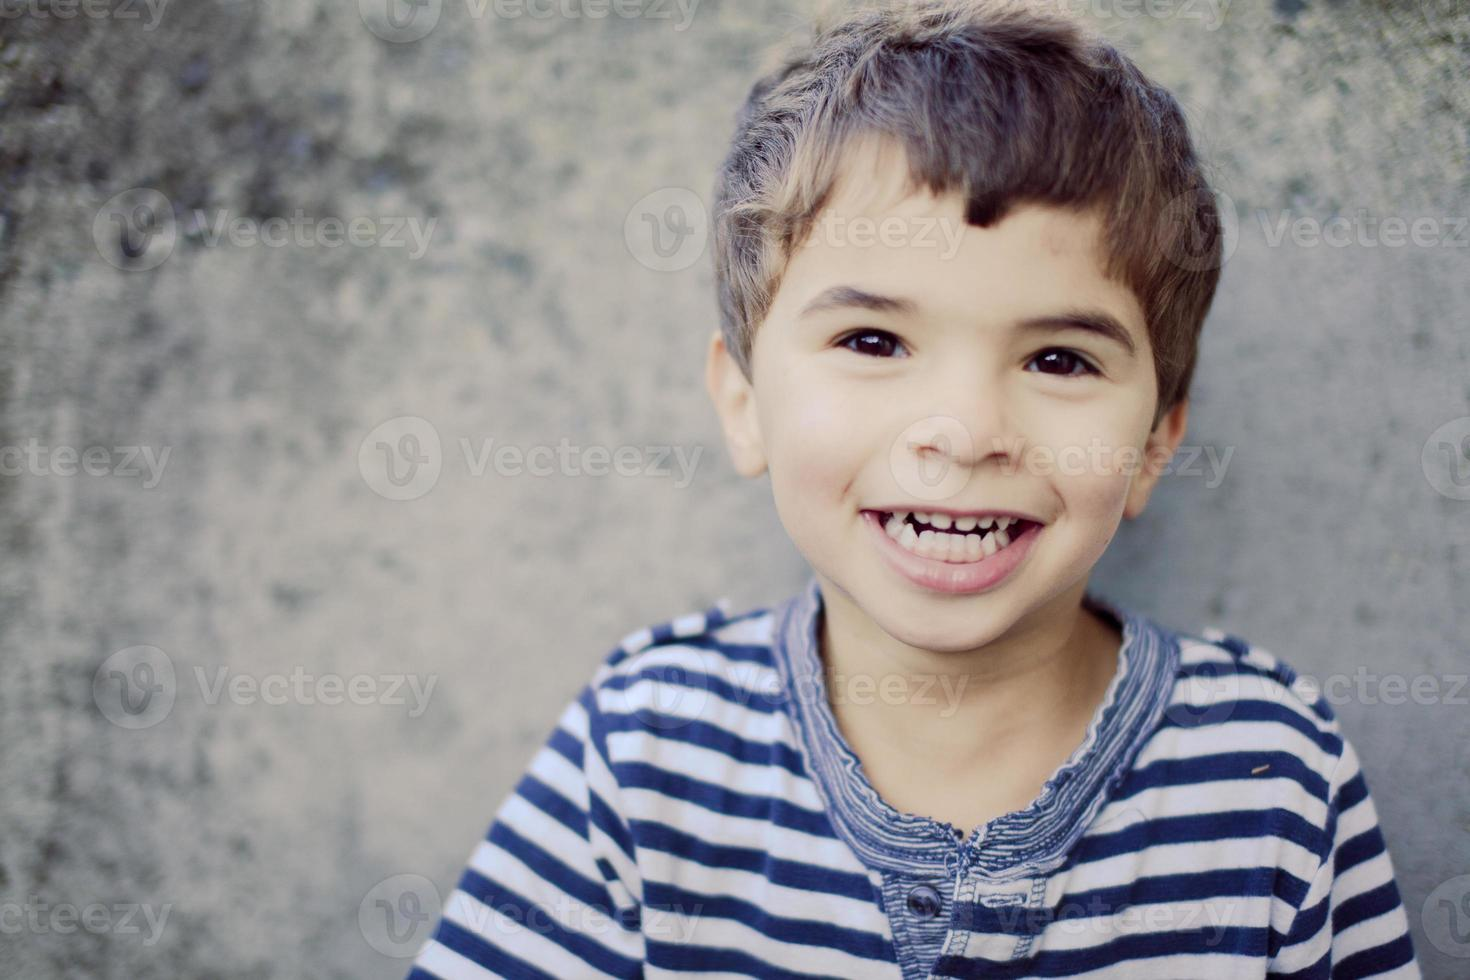 niño sonriente foto